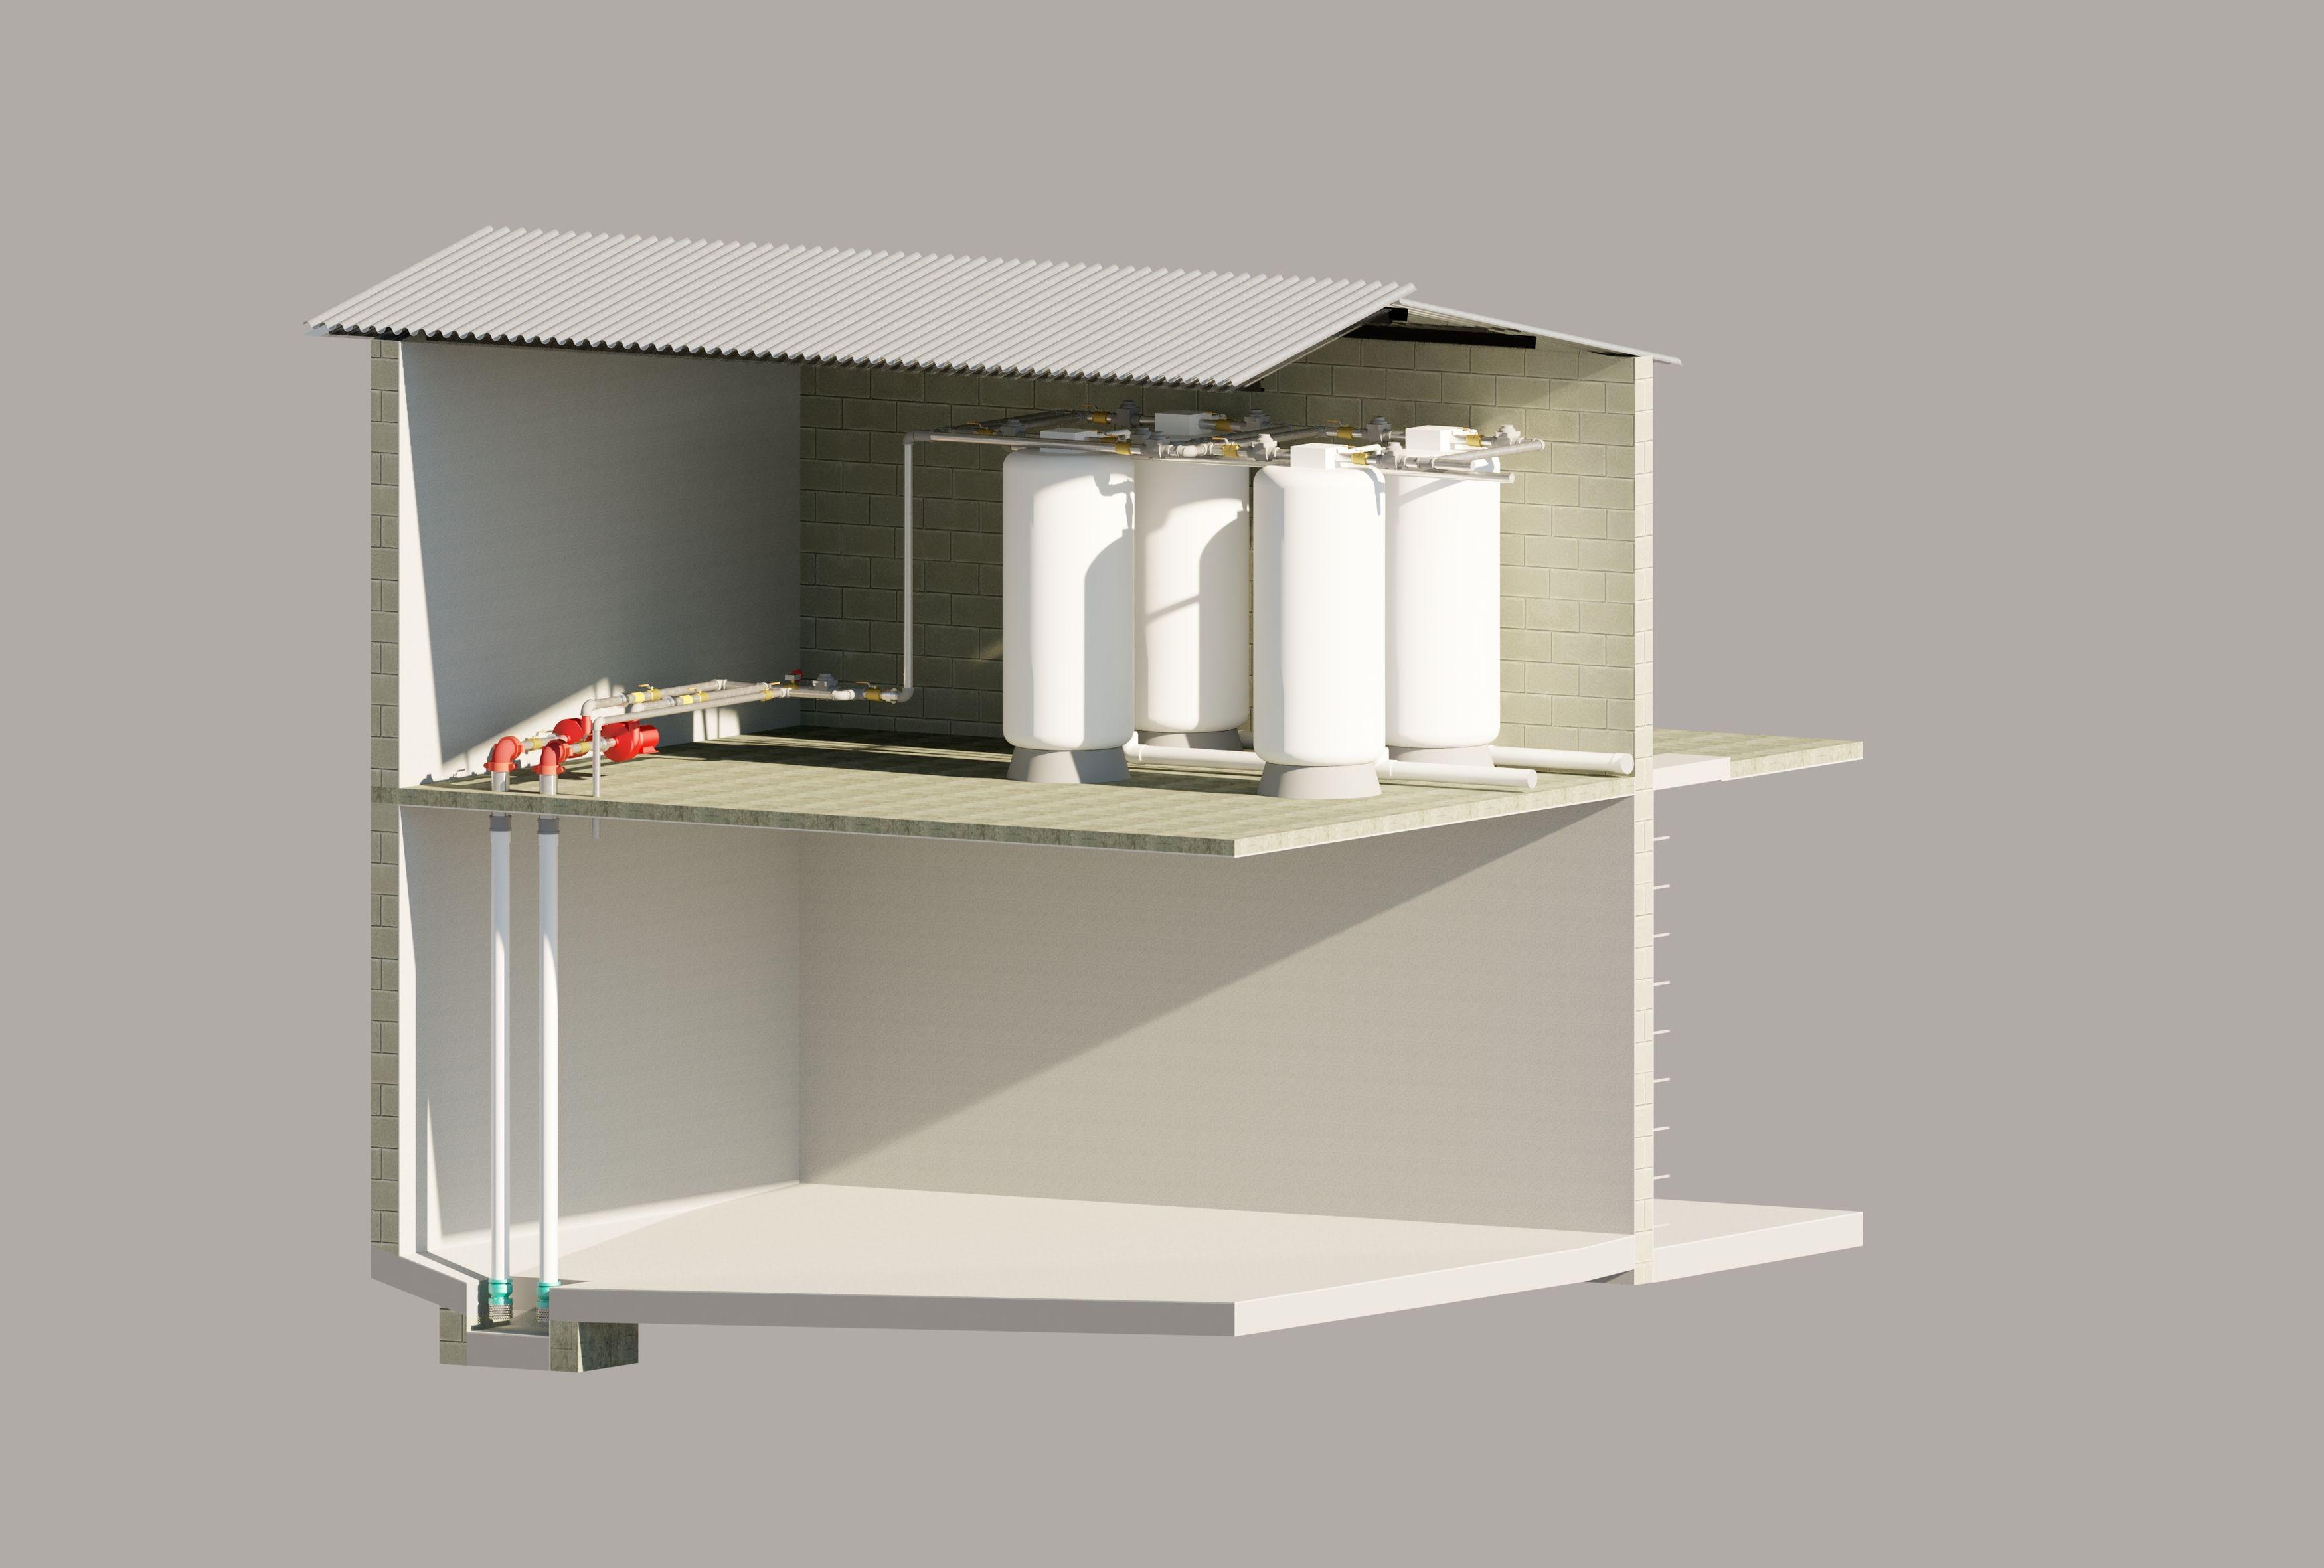 MODELO DE CUARTO DE MAQUINAS Autodesk Online Gallery